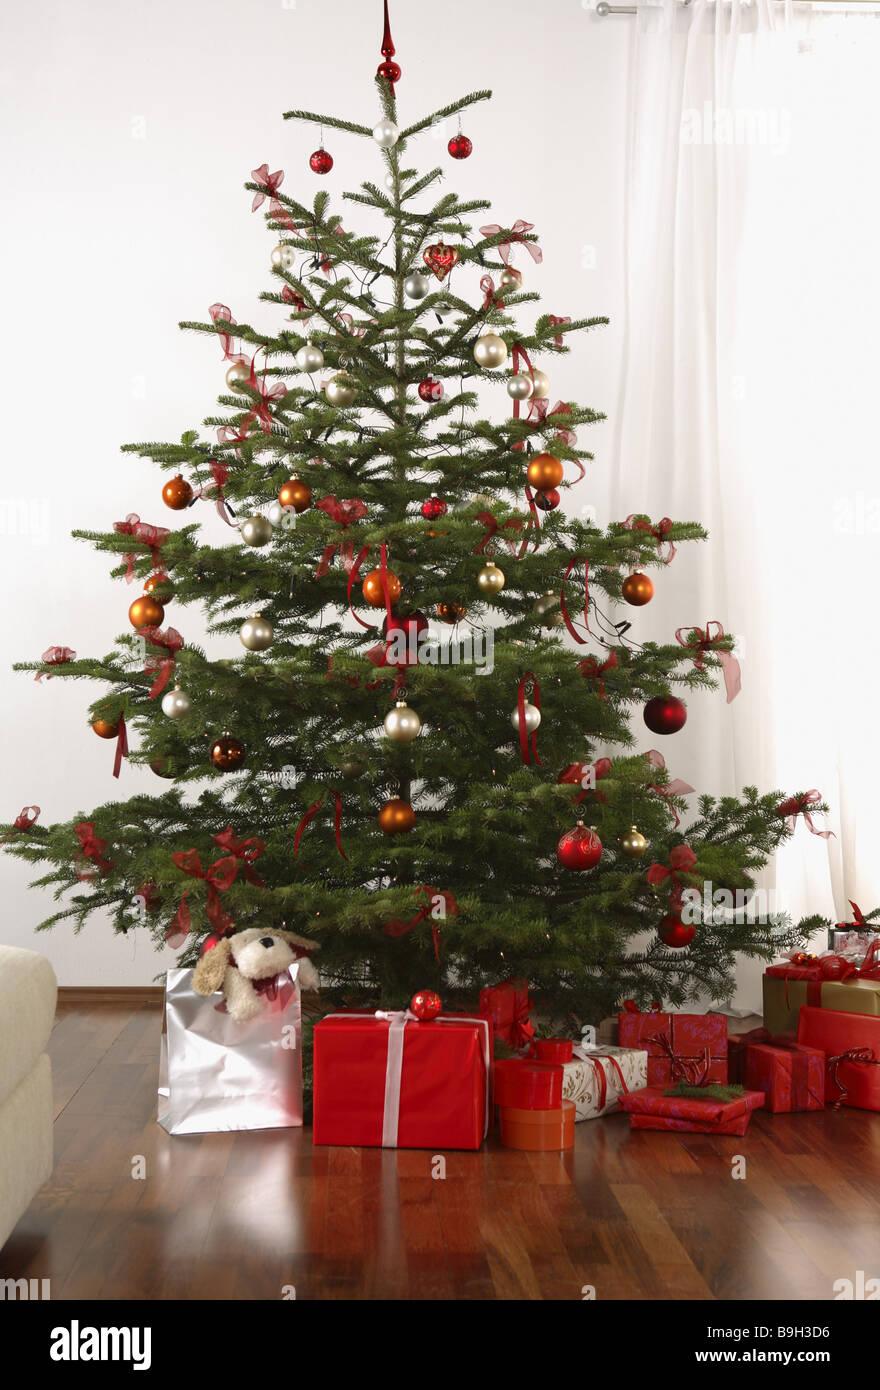 L'arbre de Noël cadeaux décorés d'animaux en peluche Photo Stock